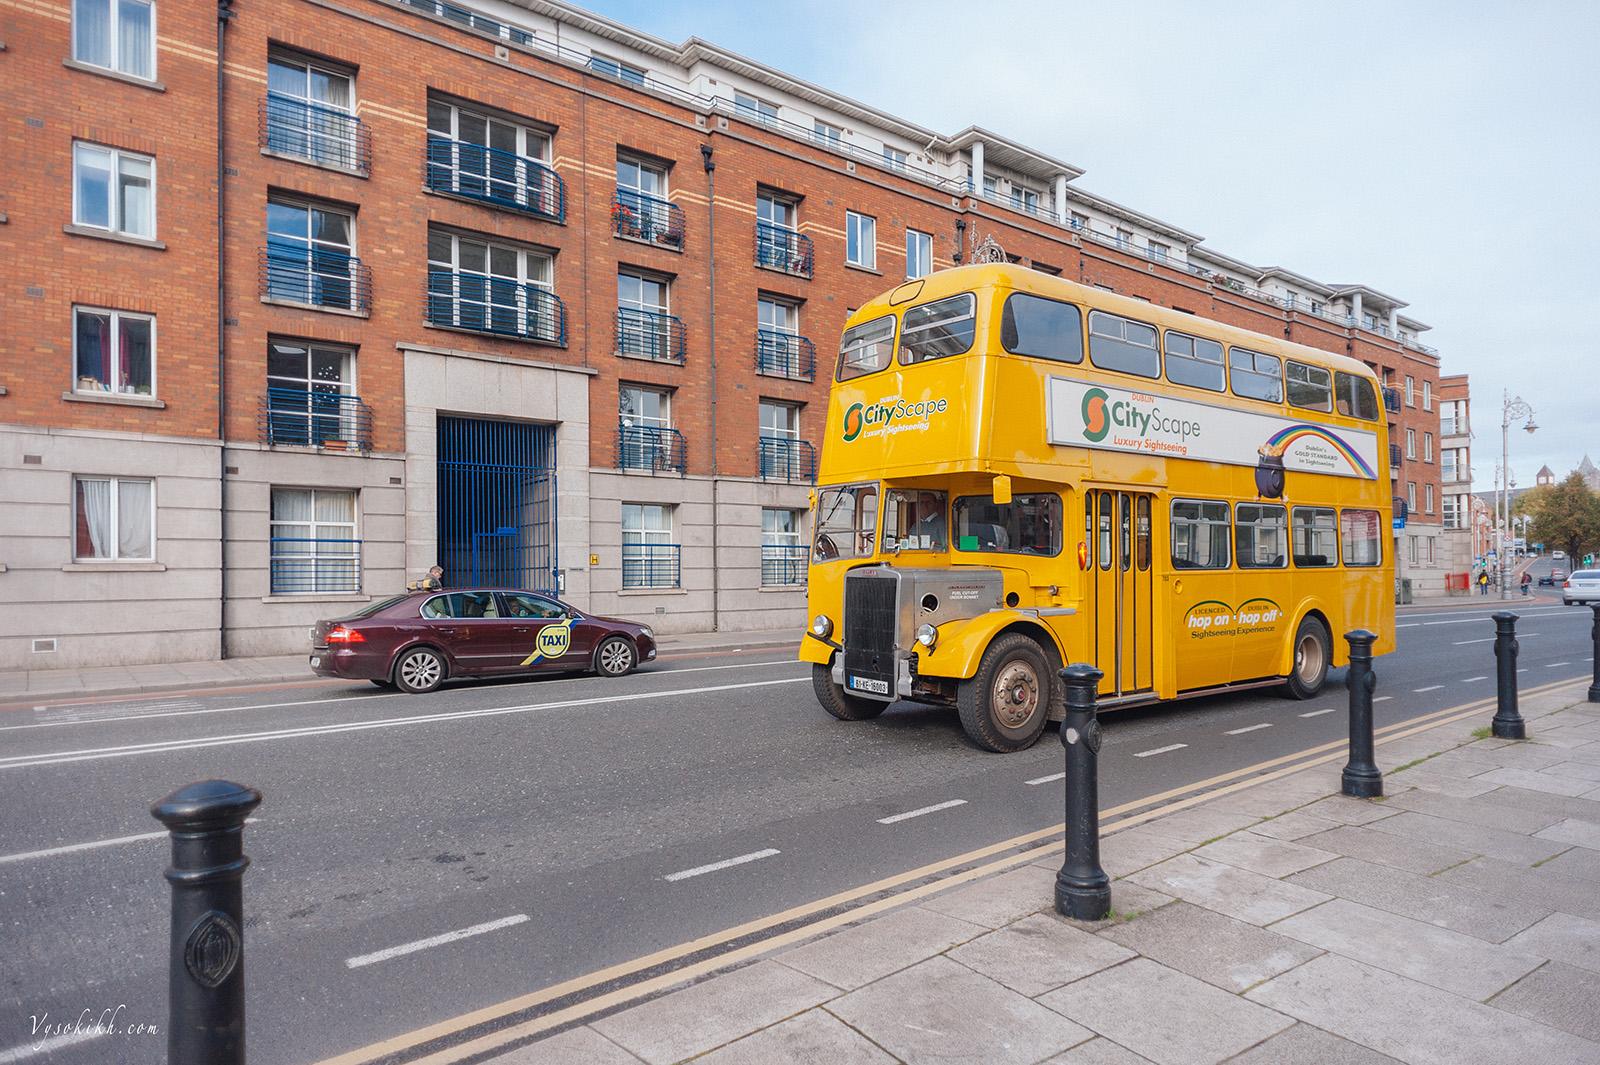 двухэтажный автобус, Дублин